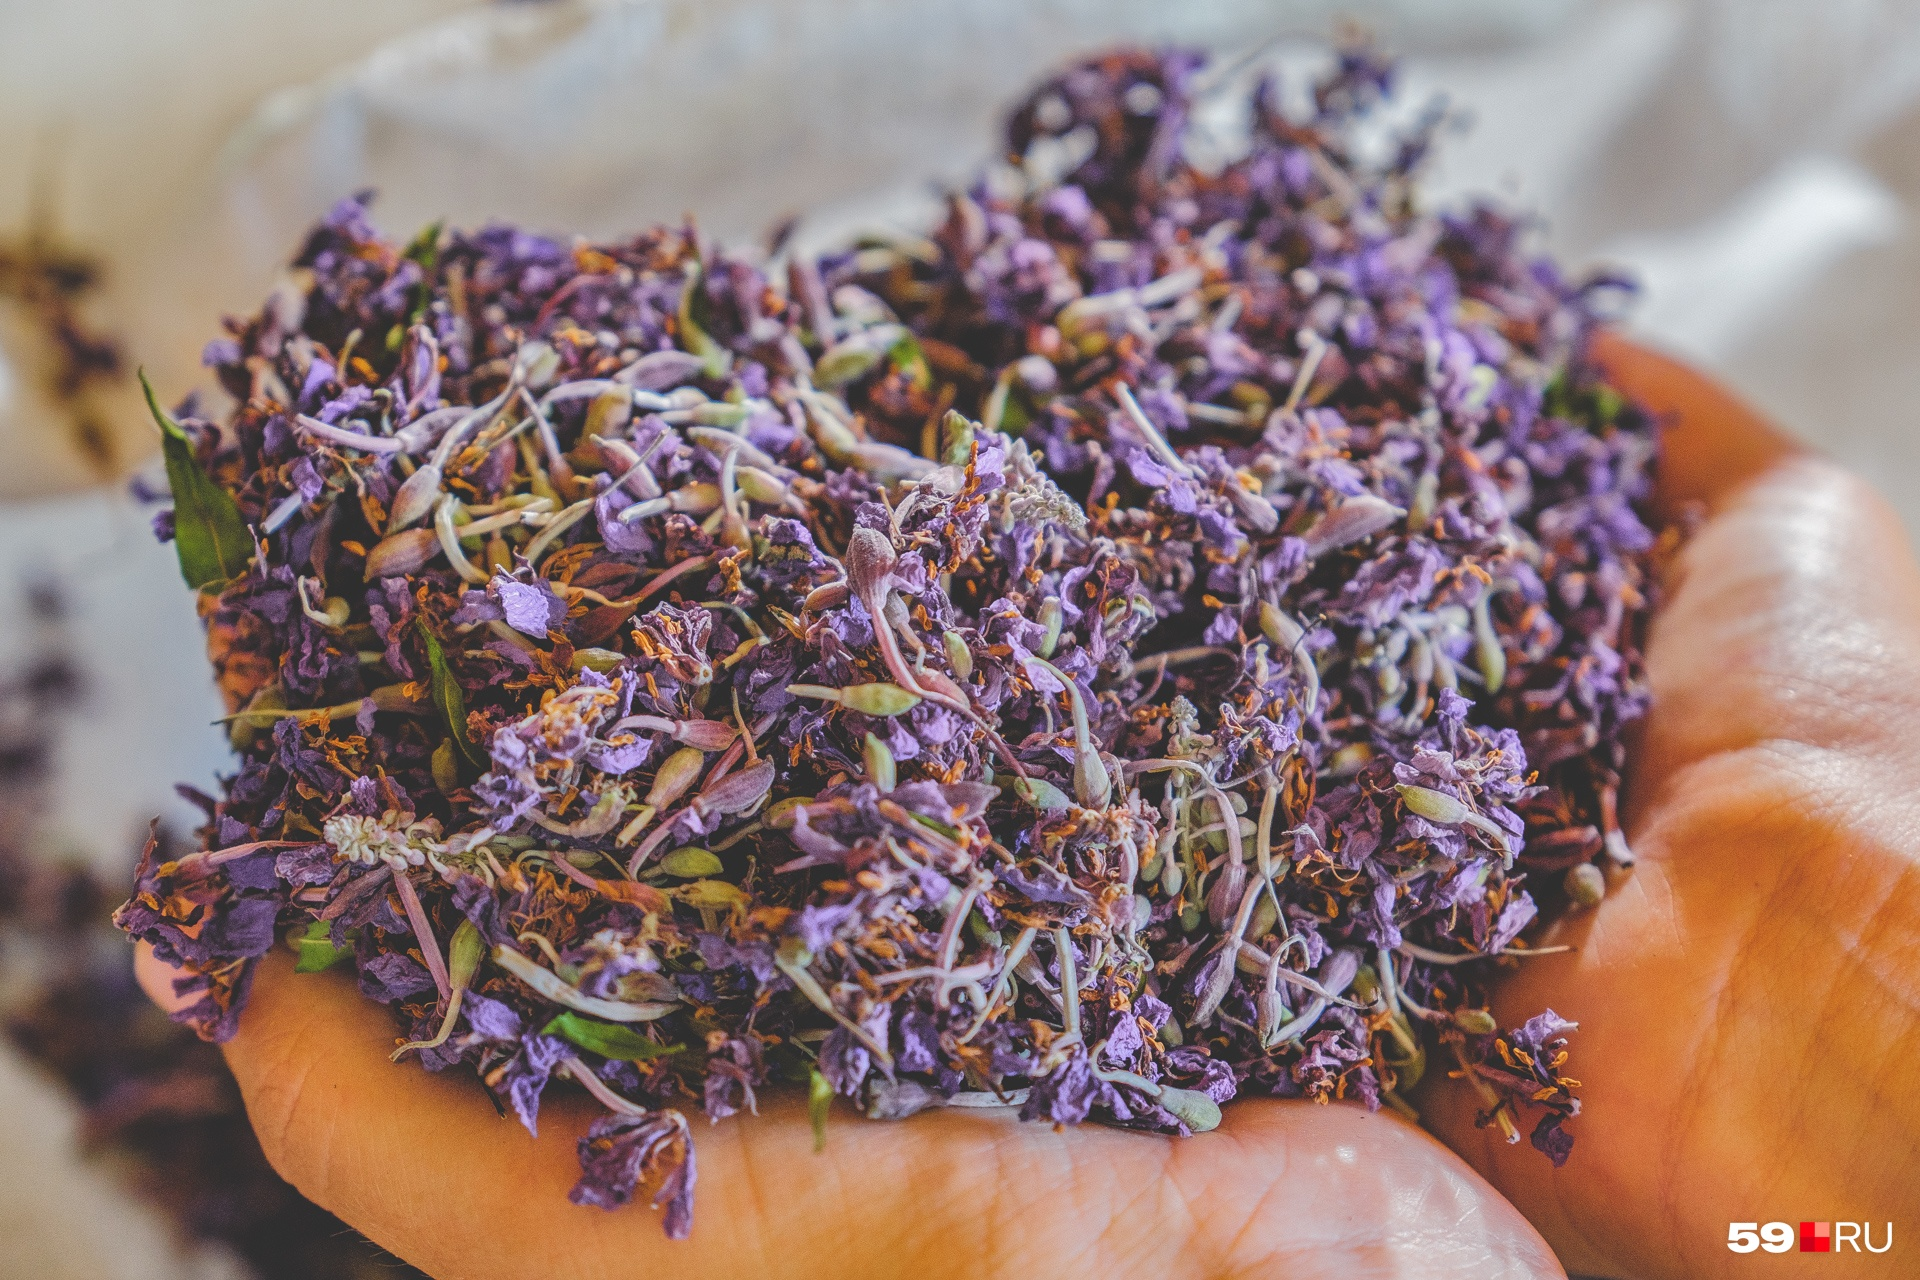 Цветы иван-чая используют как добавки, напиток получается из правильно высушенных листьев